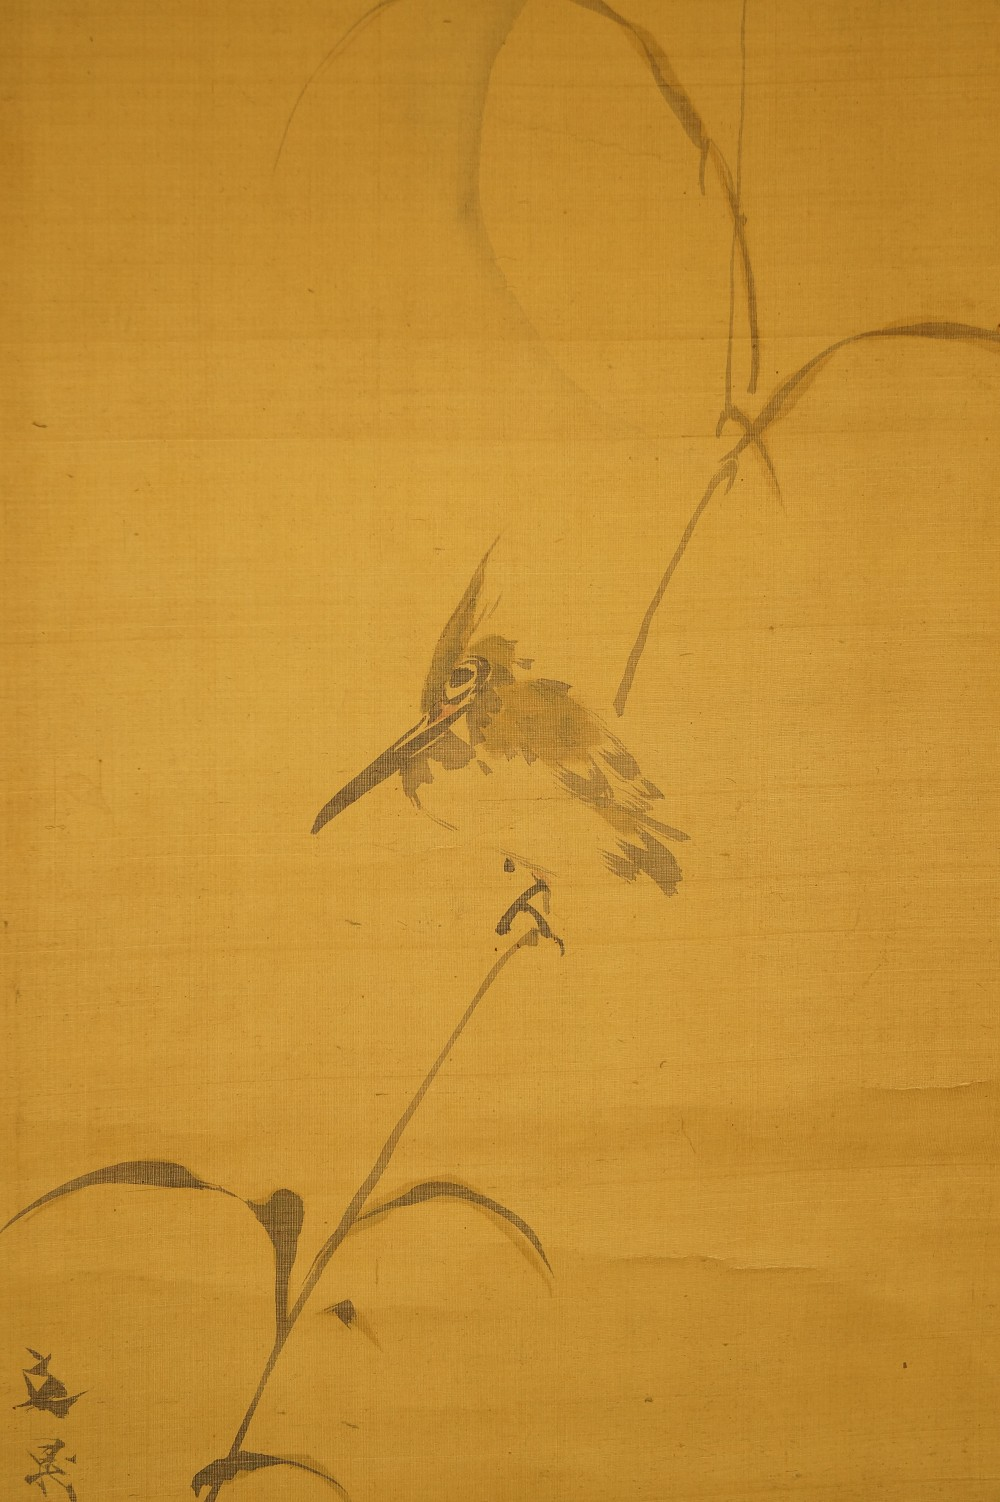 Eisvogel im Mondschein - japanisches Rollgemälde (Kakejiku, Kakemono)